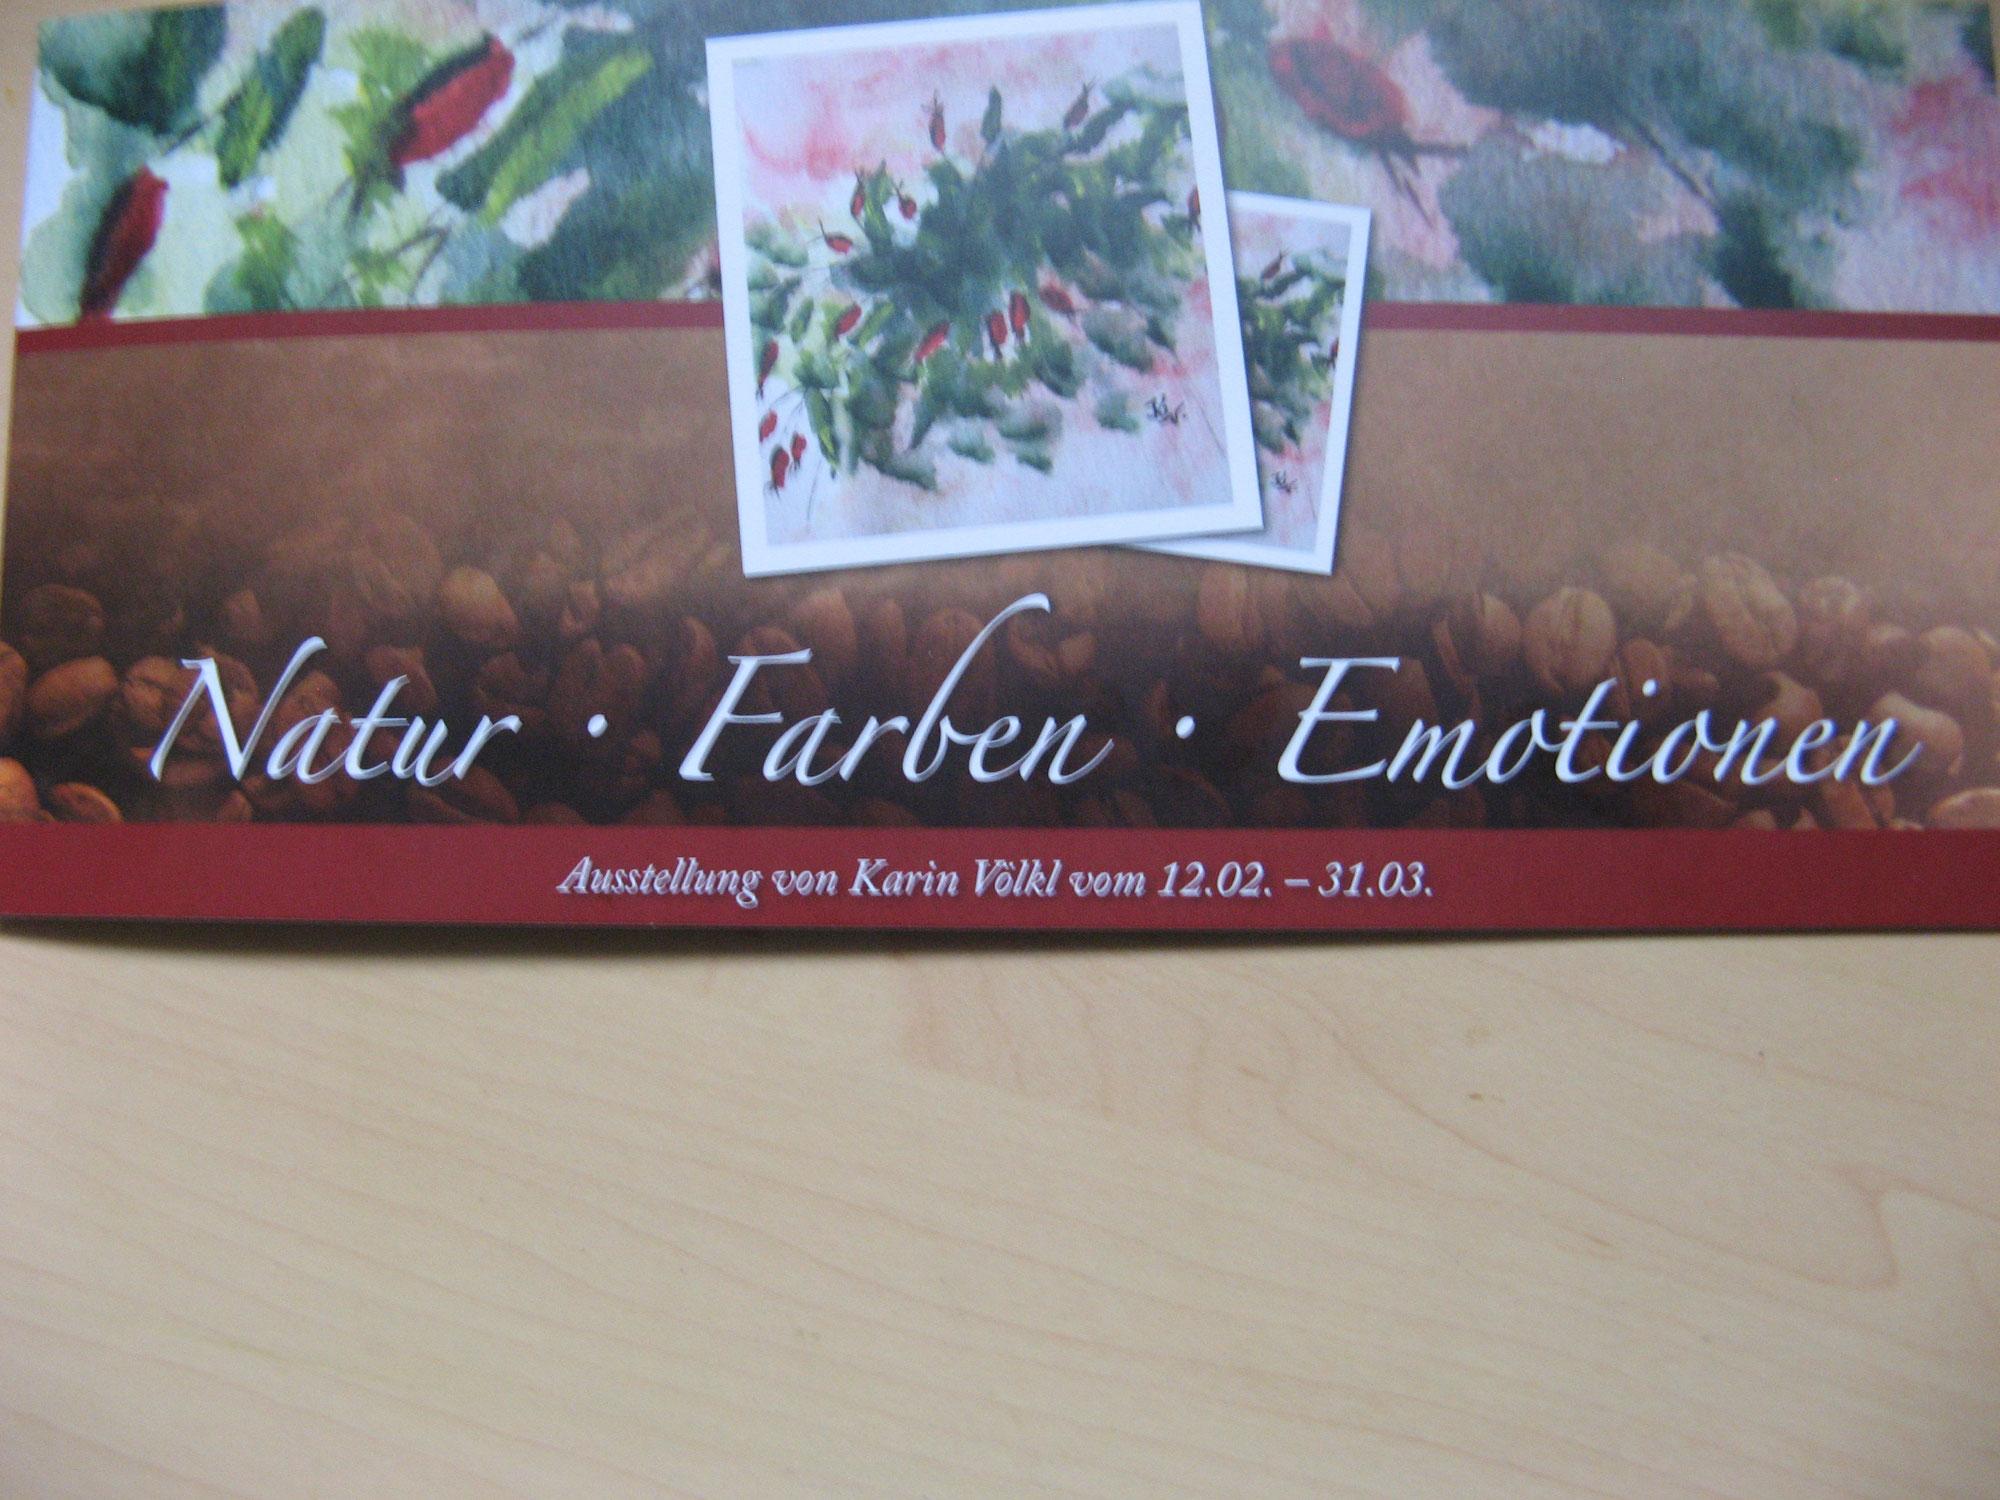 Natur Farben Emotionen